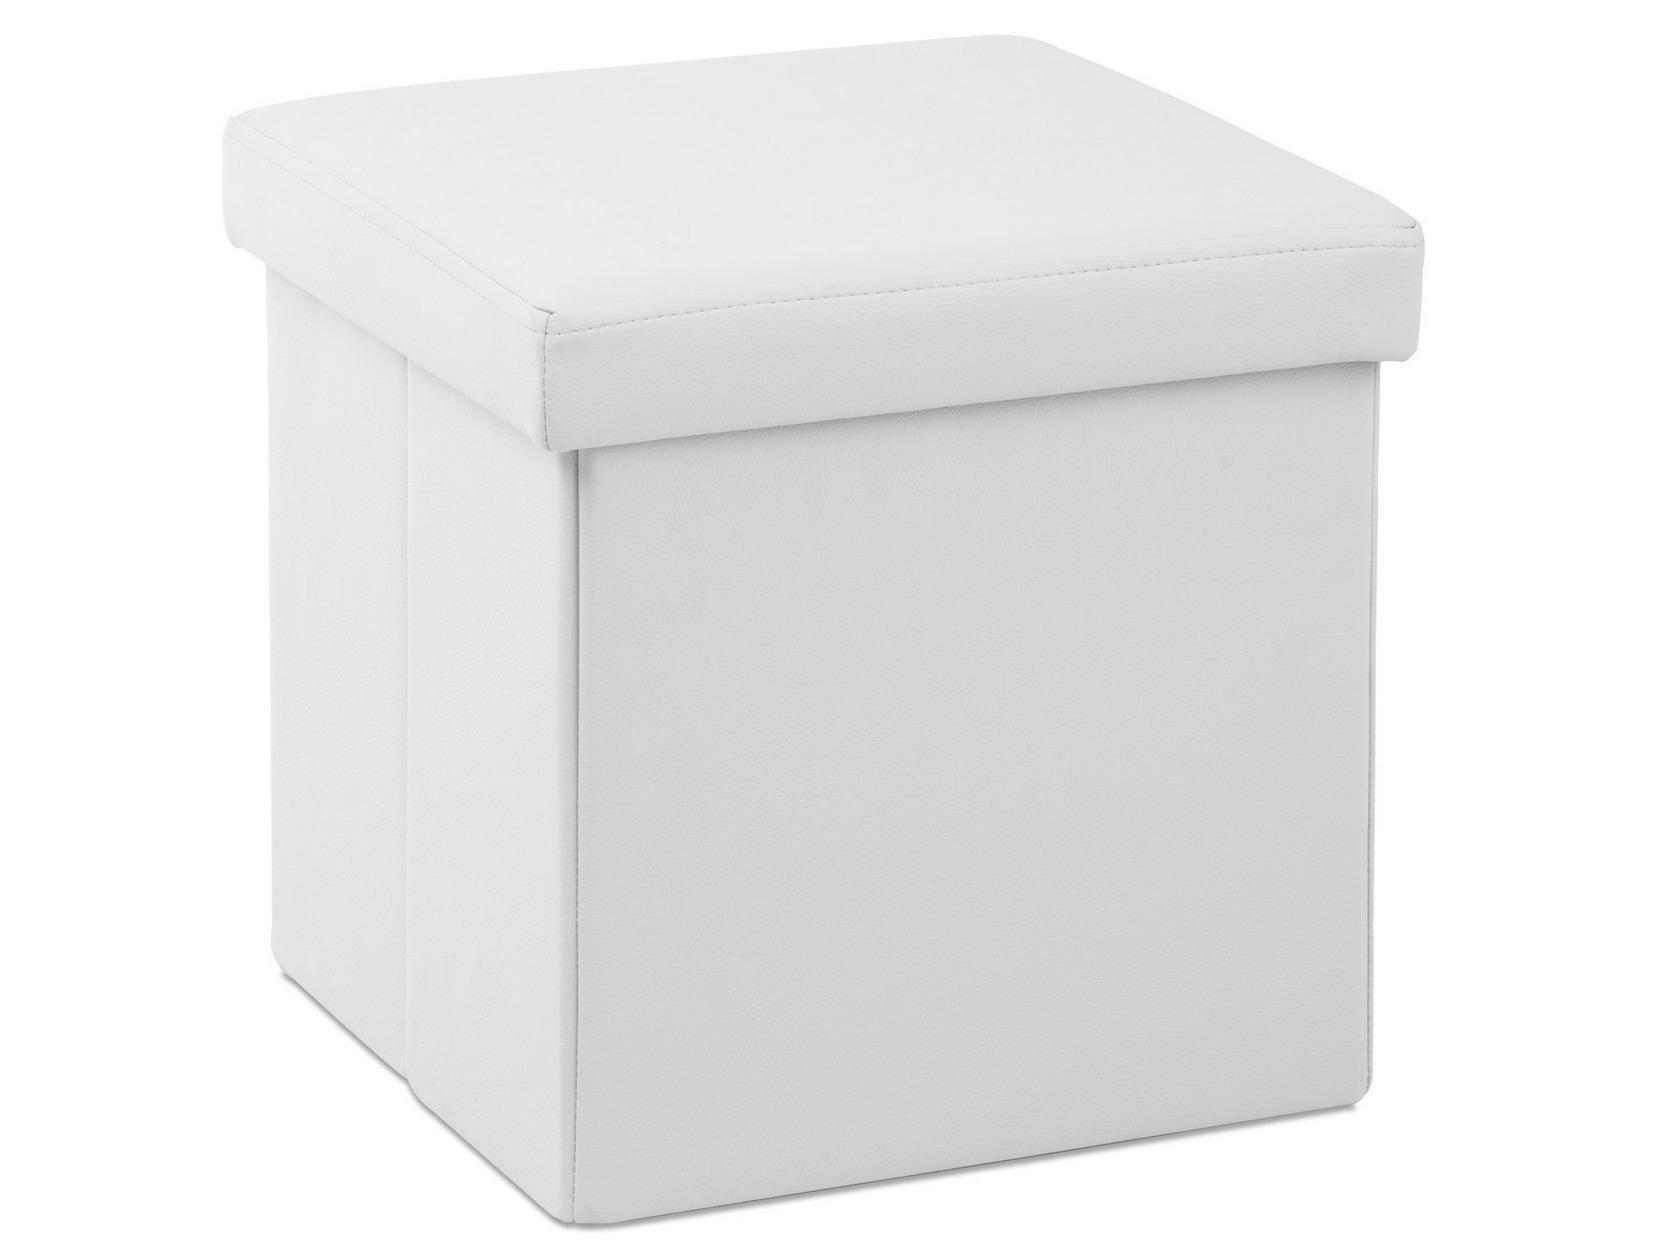 Кожаный пуф квадратный 129-37443